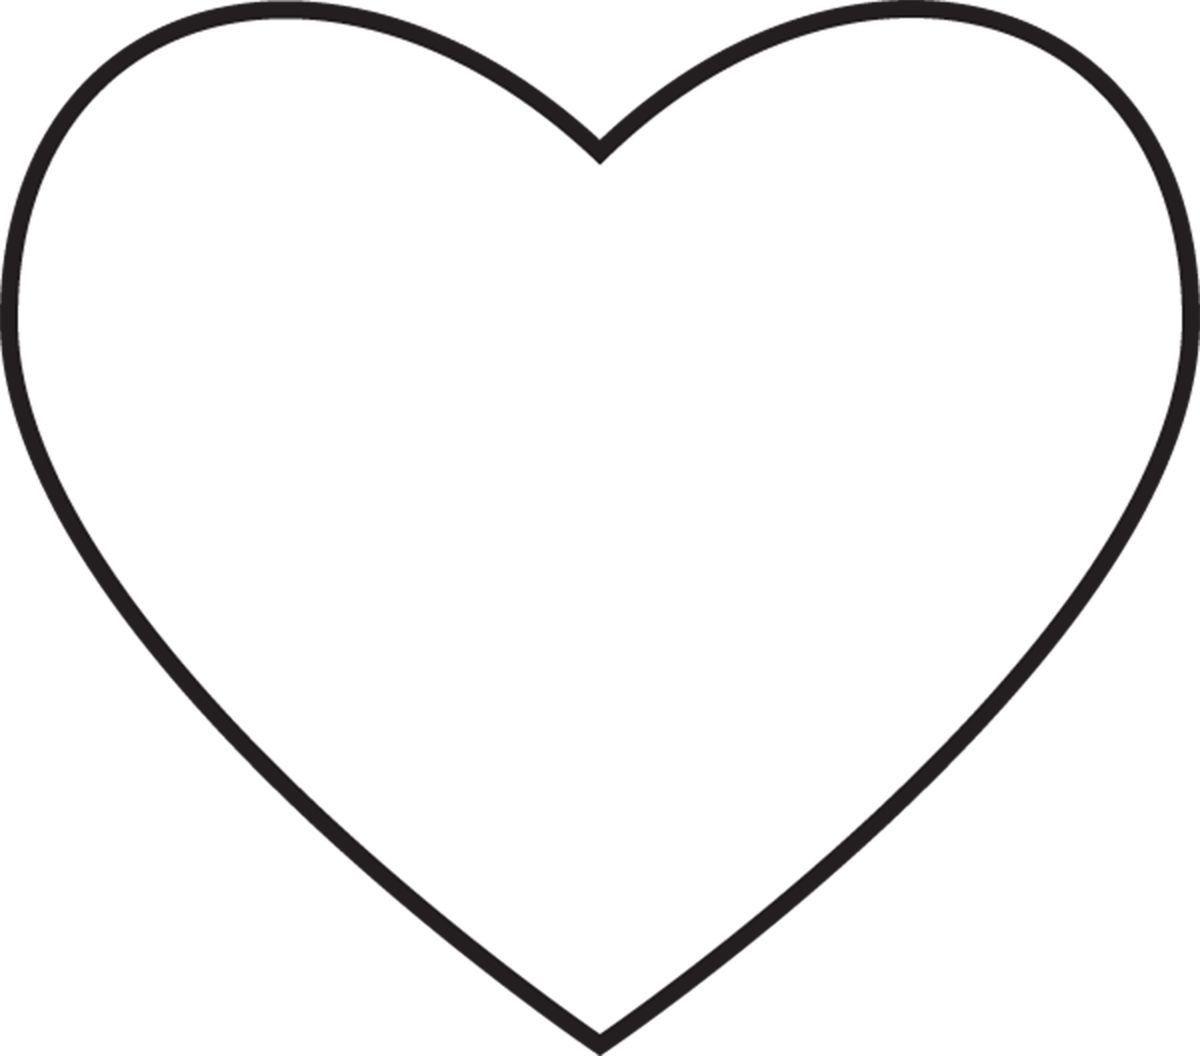 Pin Van Susanne Op Beauty En Nagelstudio Orchi D Hart Sjabloon Valentijn Knutselen Volwassenen Hart Vormen